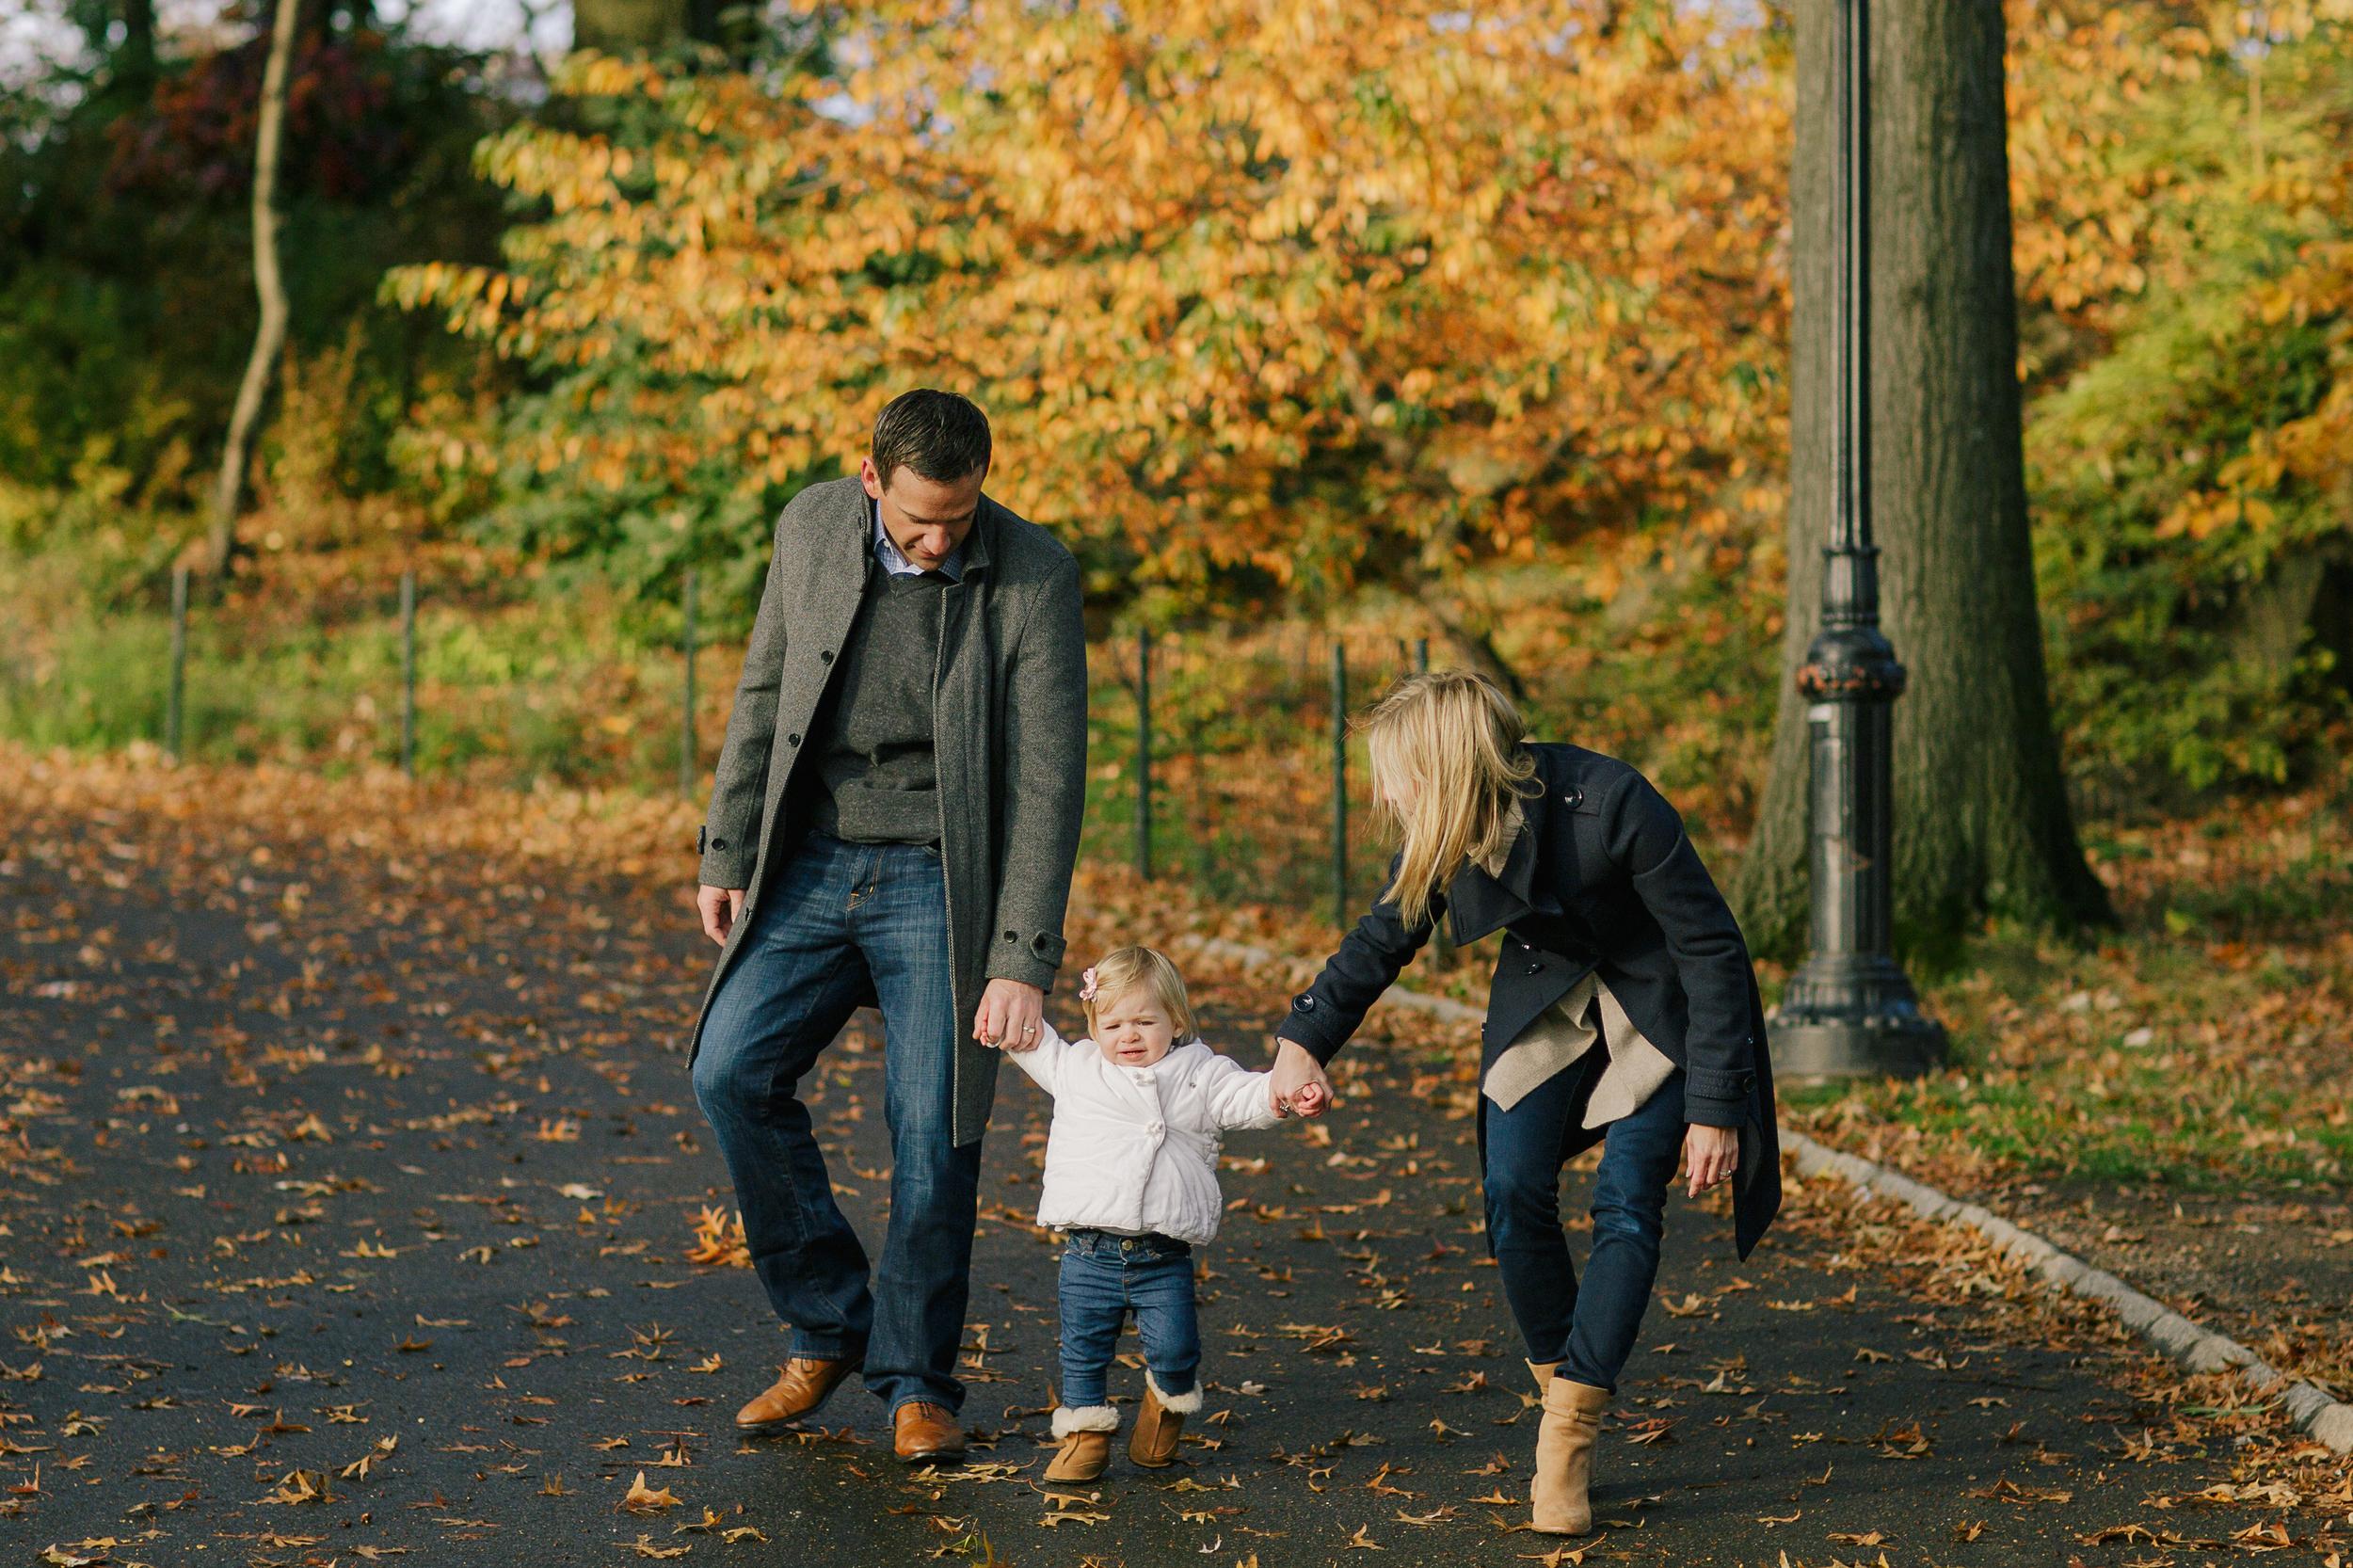 047-P14-011-Govoni-Family.jpg